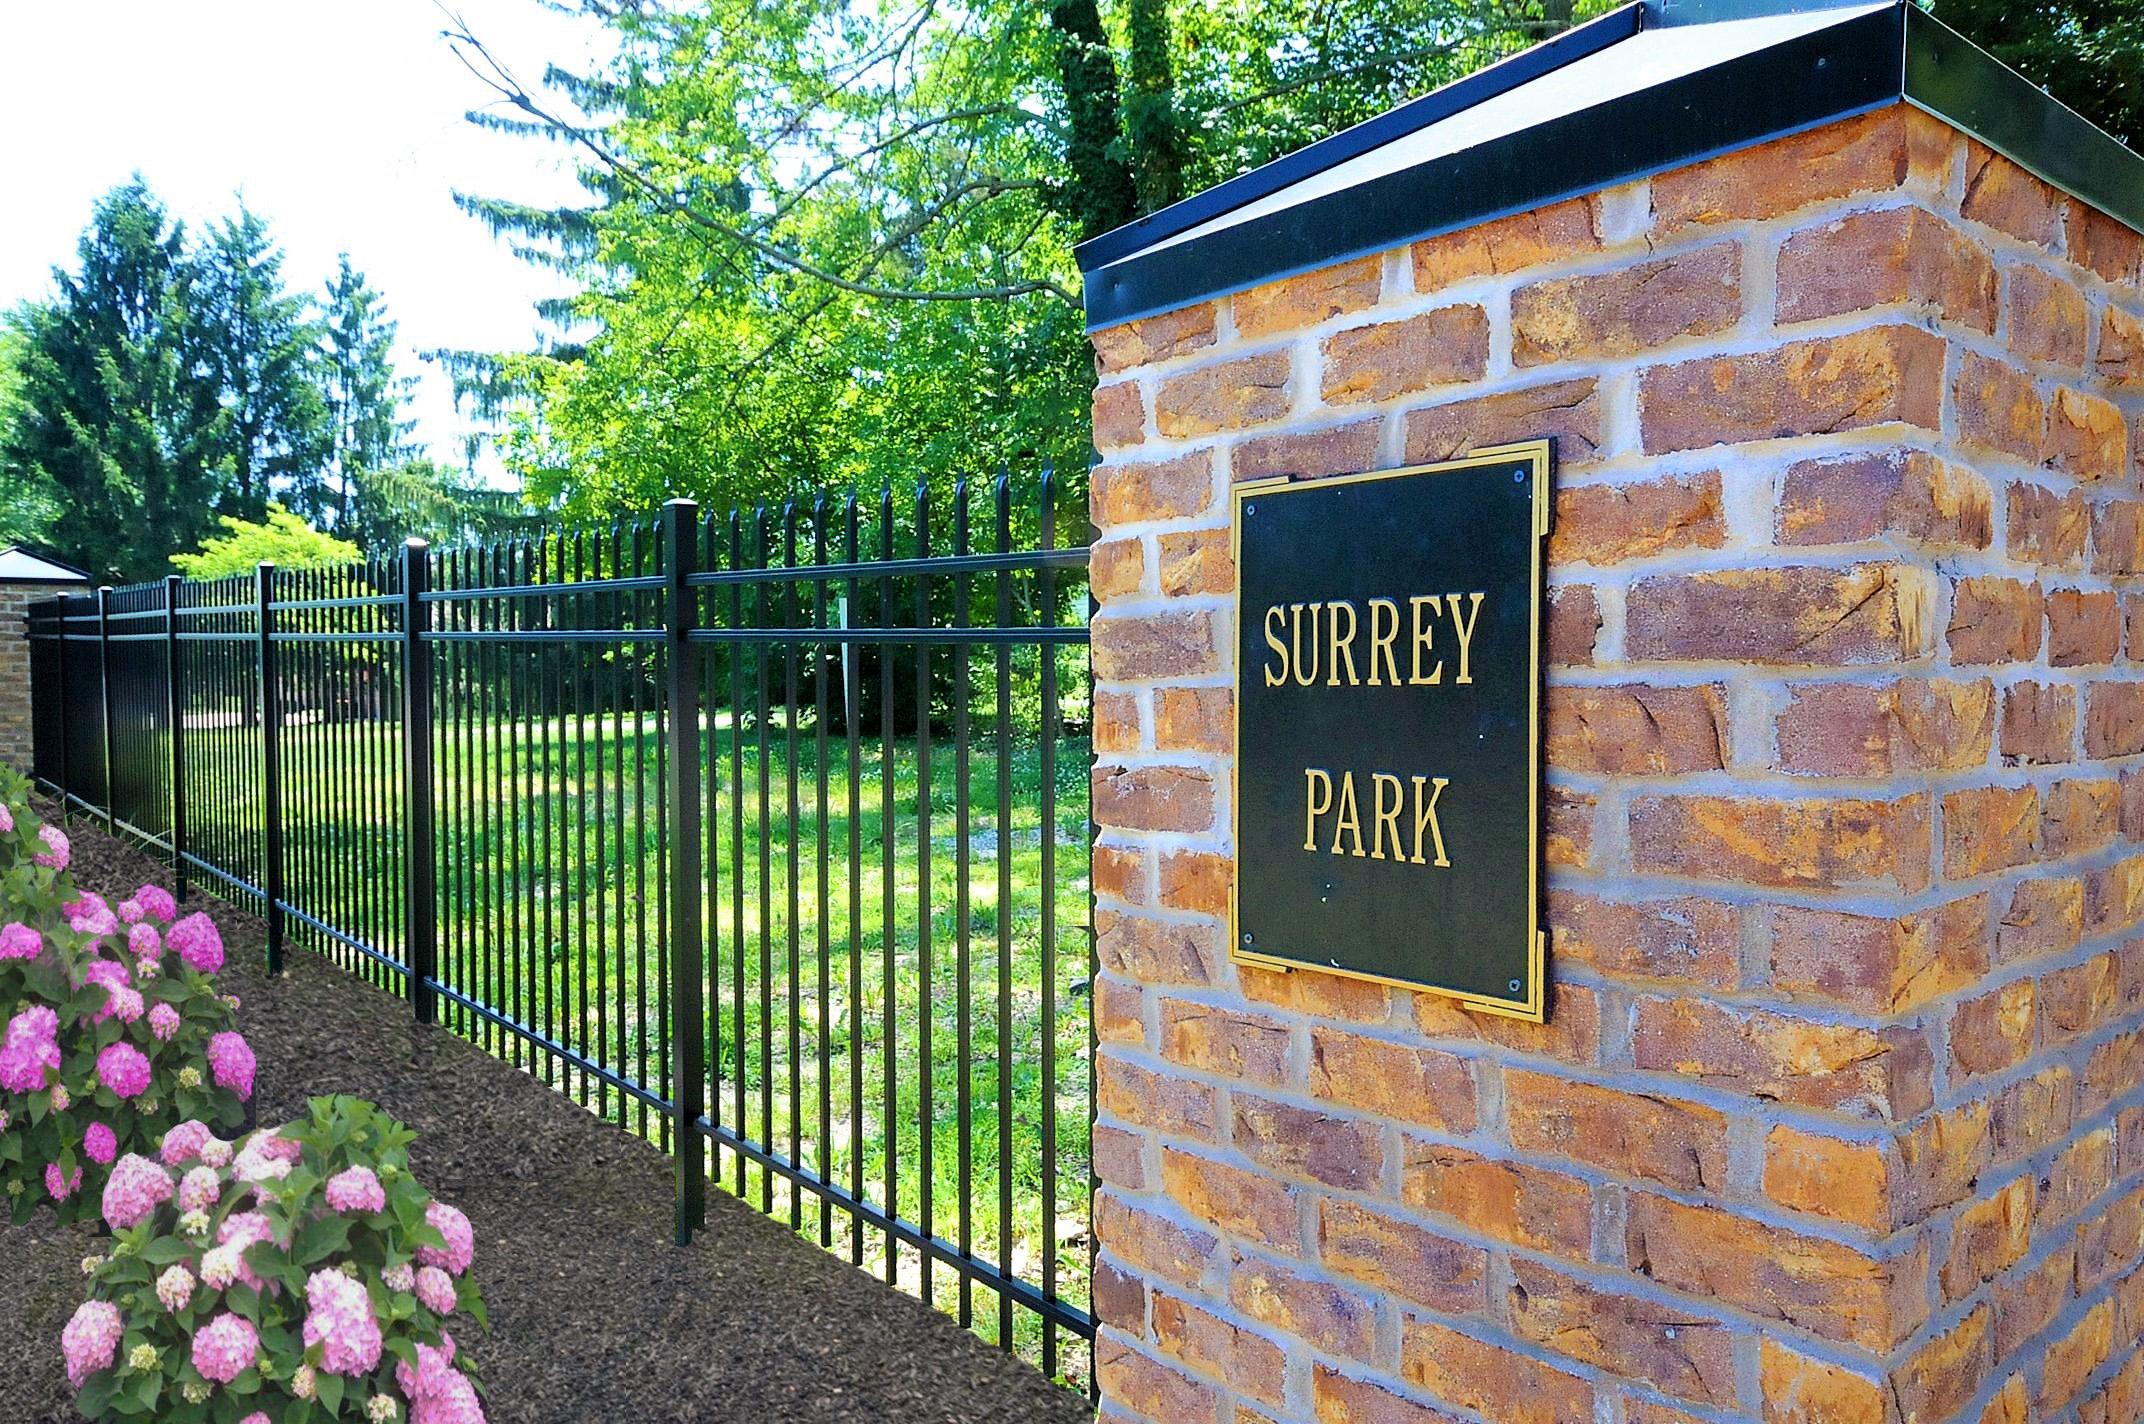 SurreyParksignfense